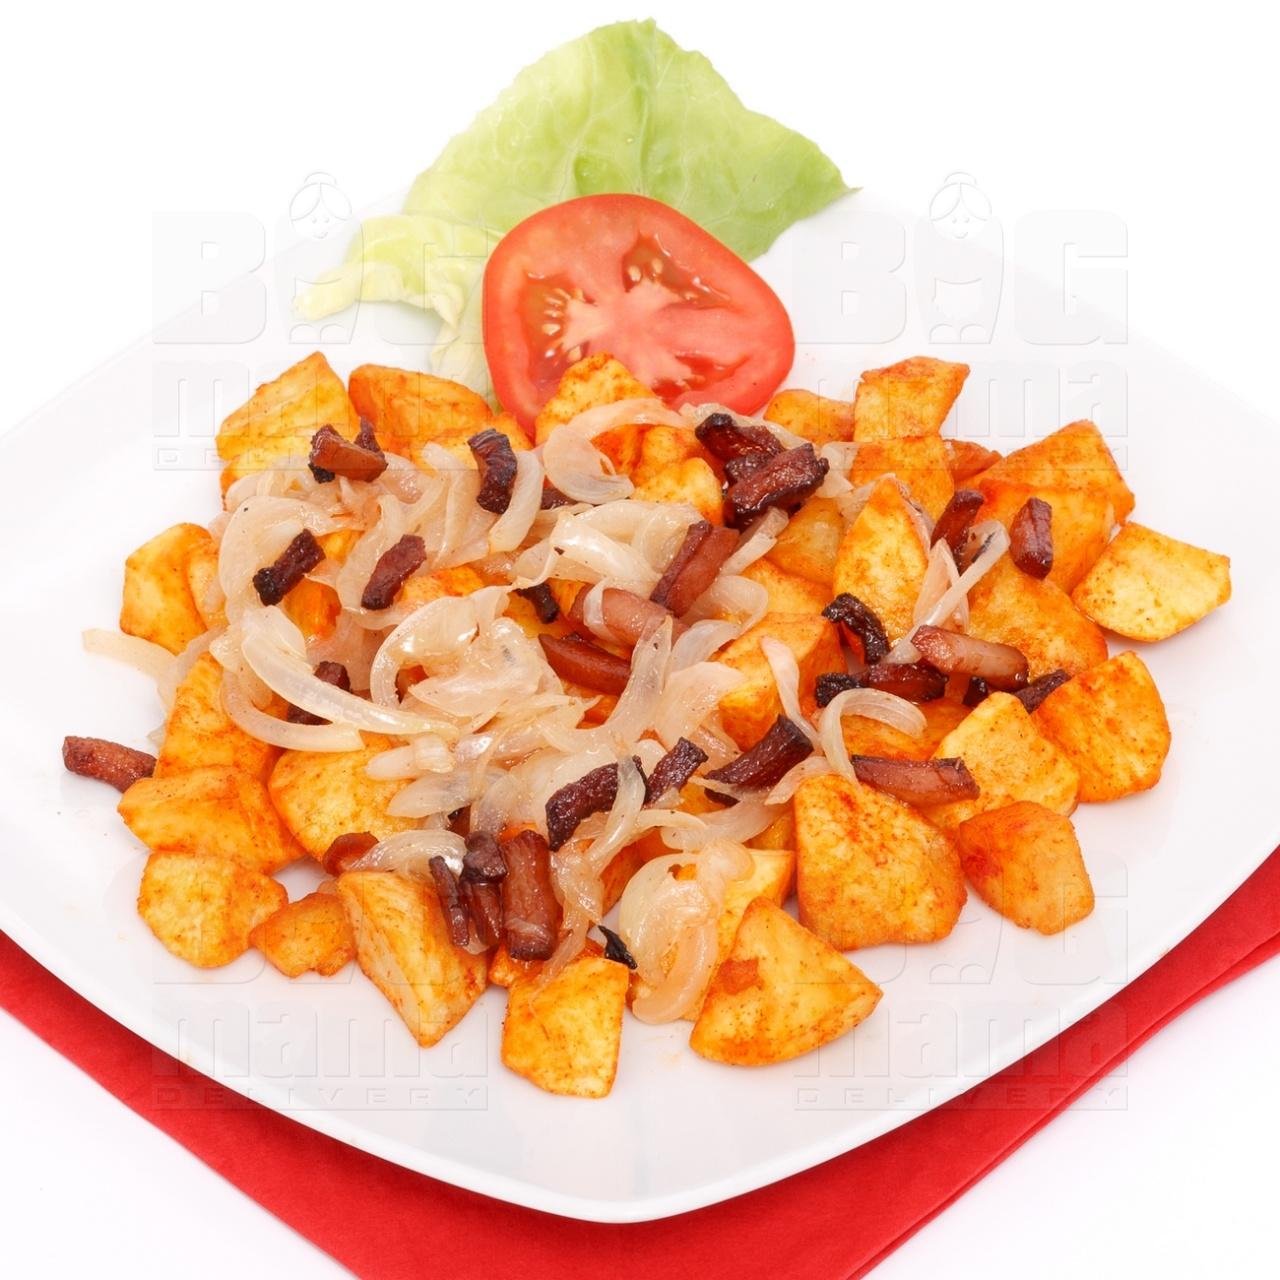 Product #37 image - Cartofi ţărăneşti